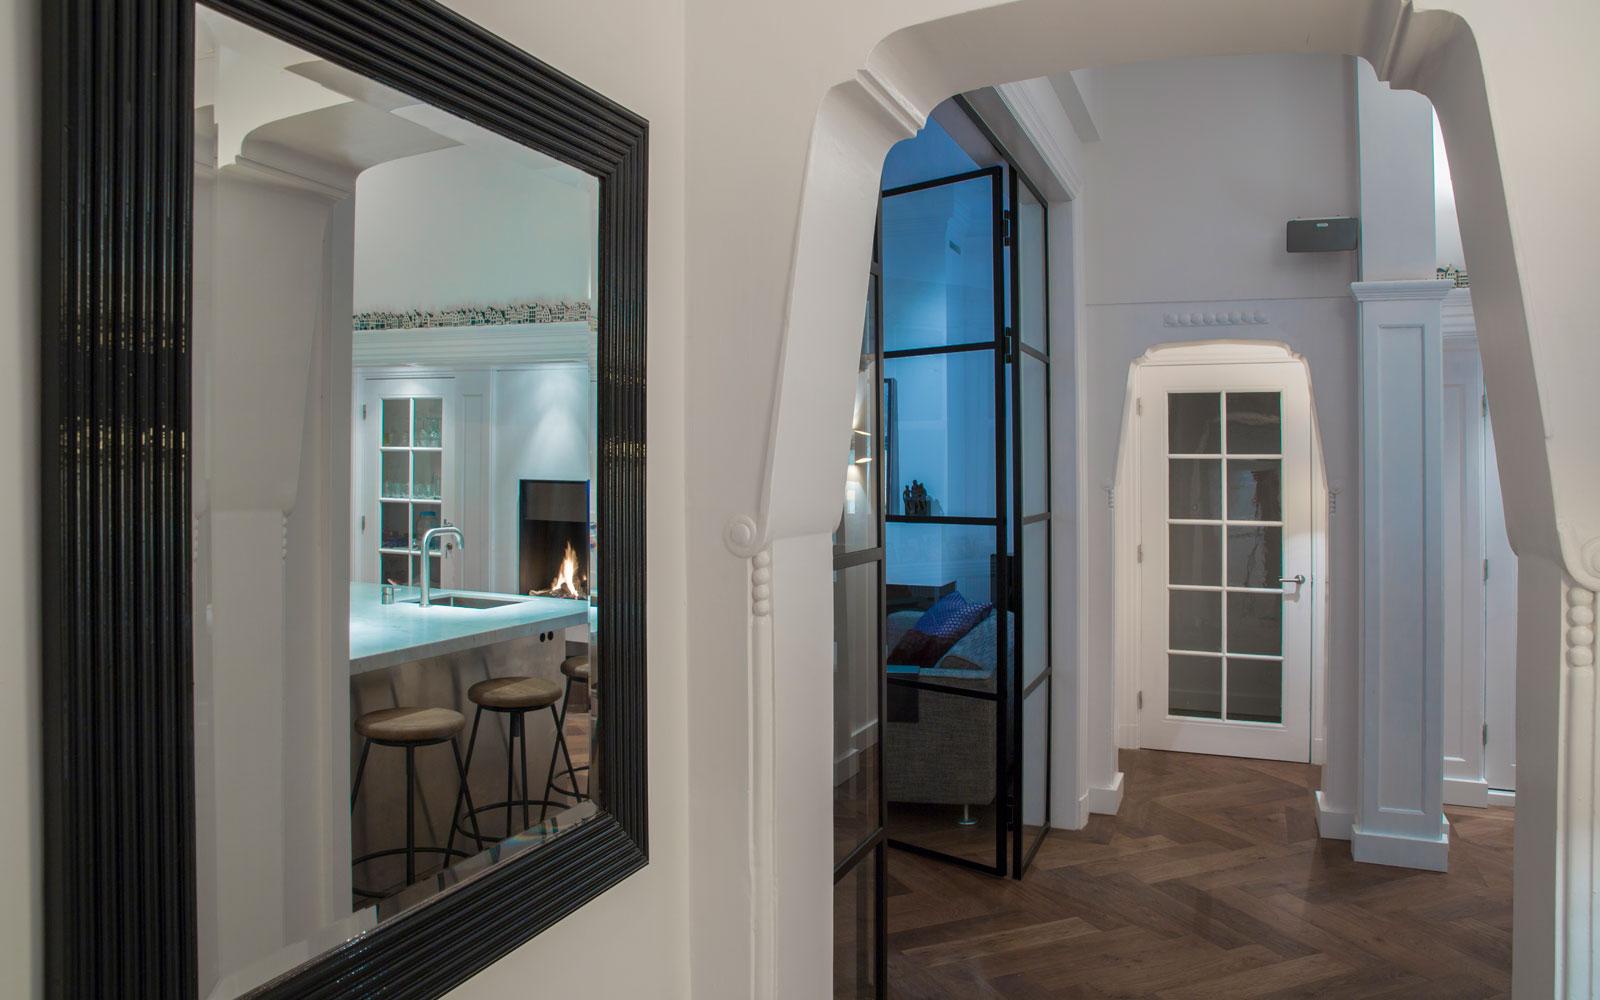 De luxe woning is verdeeld in aparte ruimtes die verbonden zijn door exclusieve deuren.